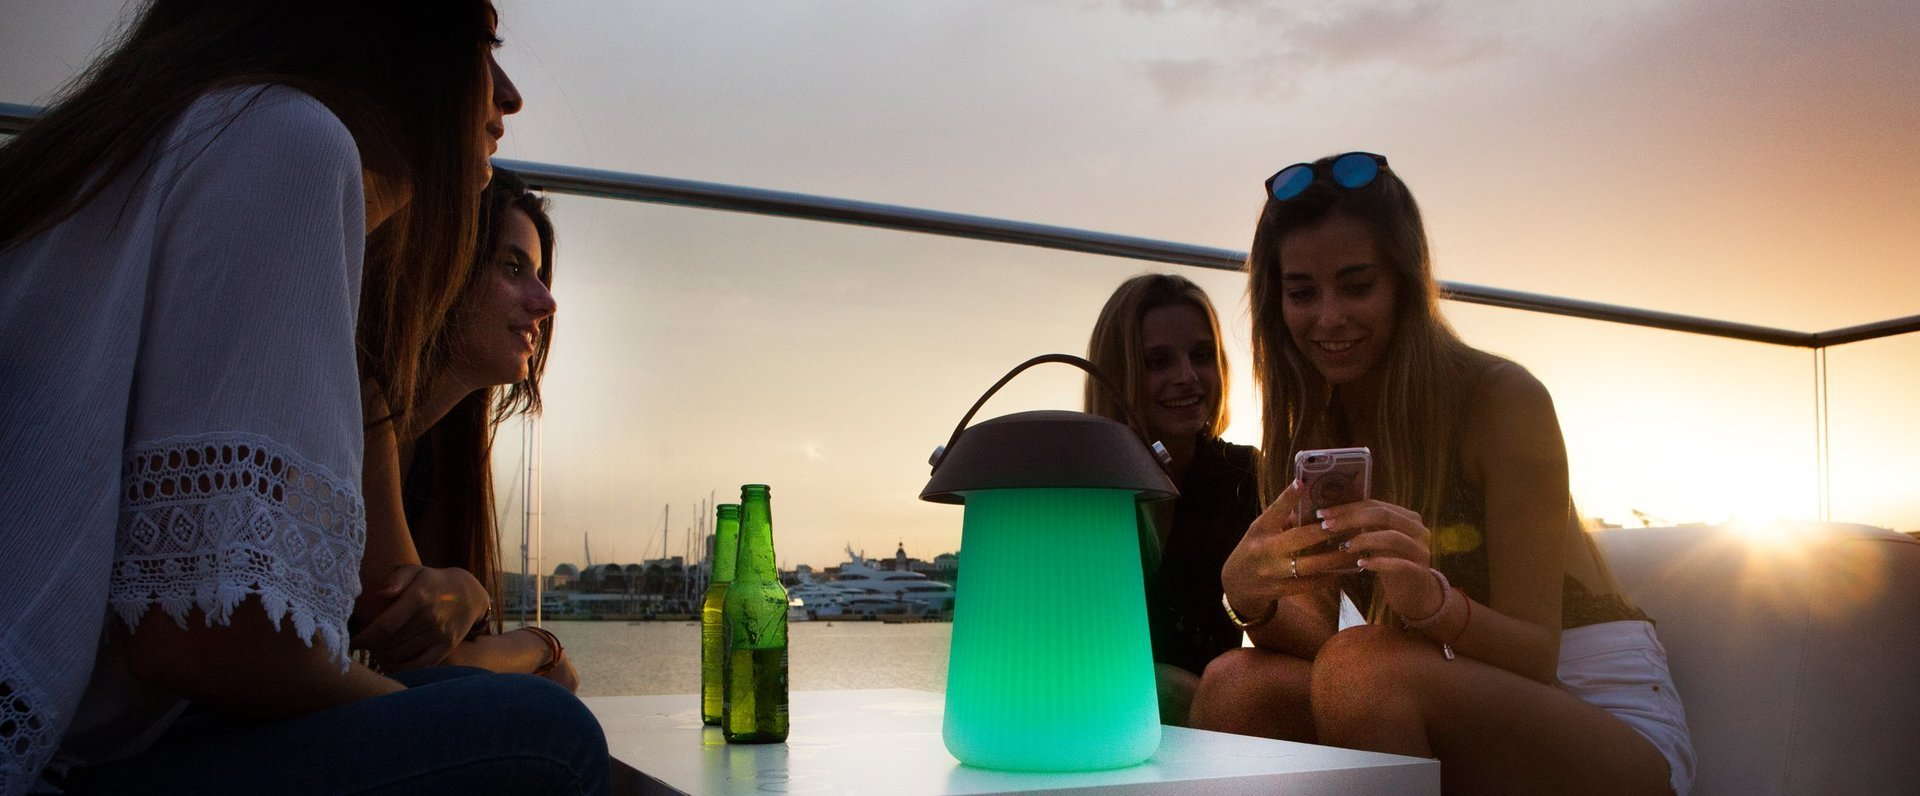 Illuminazione - Roma - Barcaccia Arredamenti